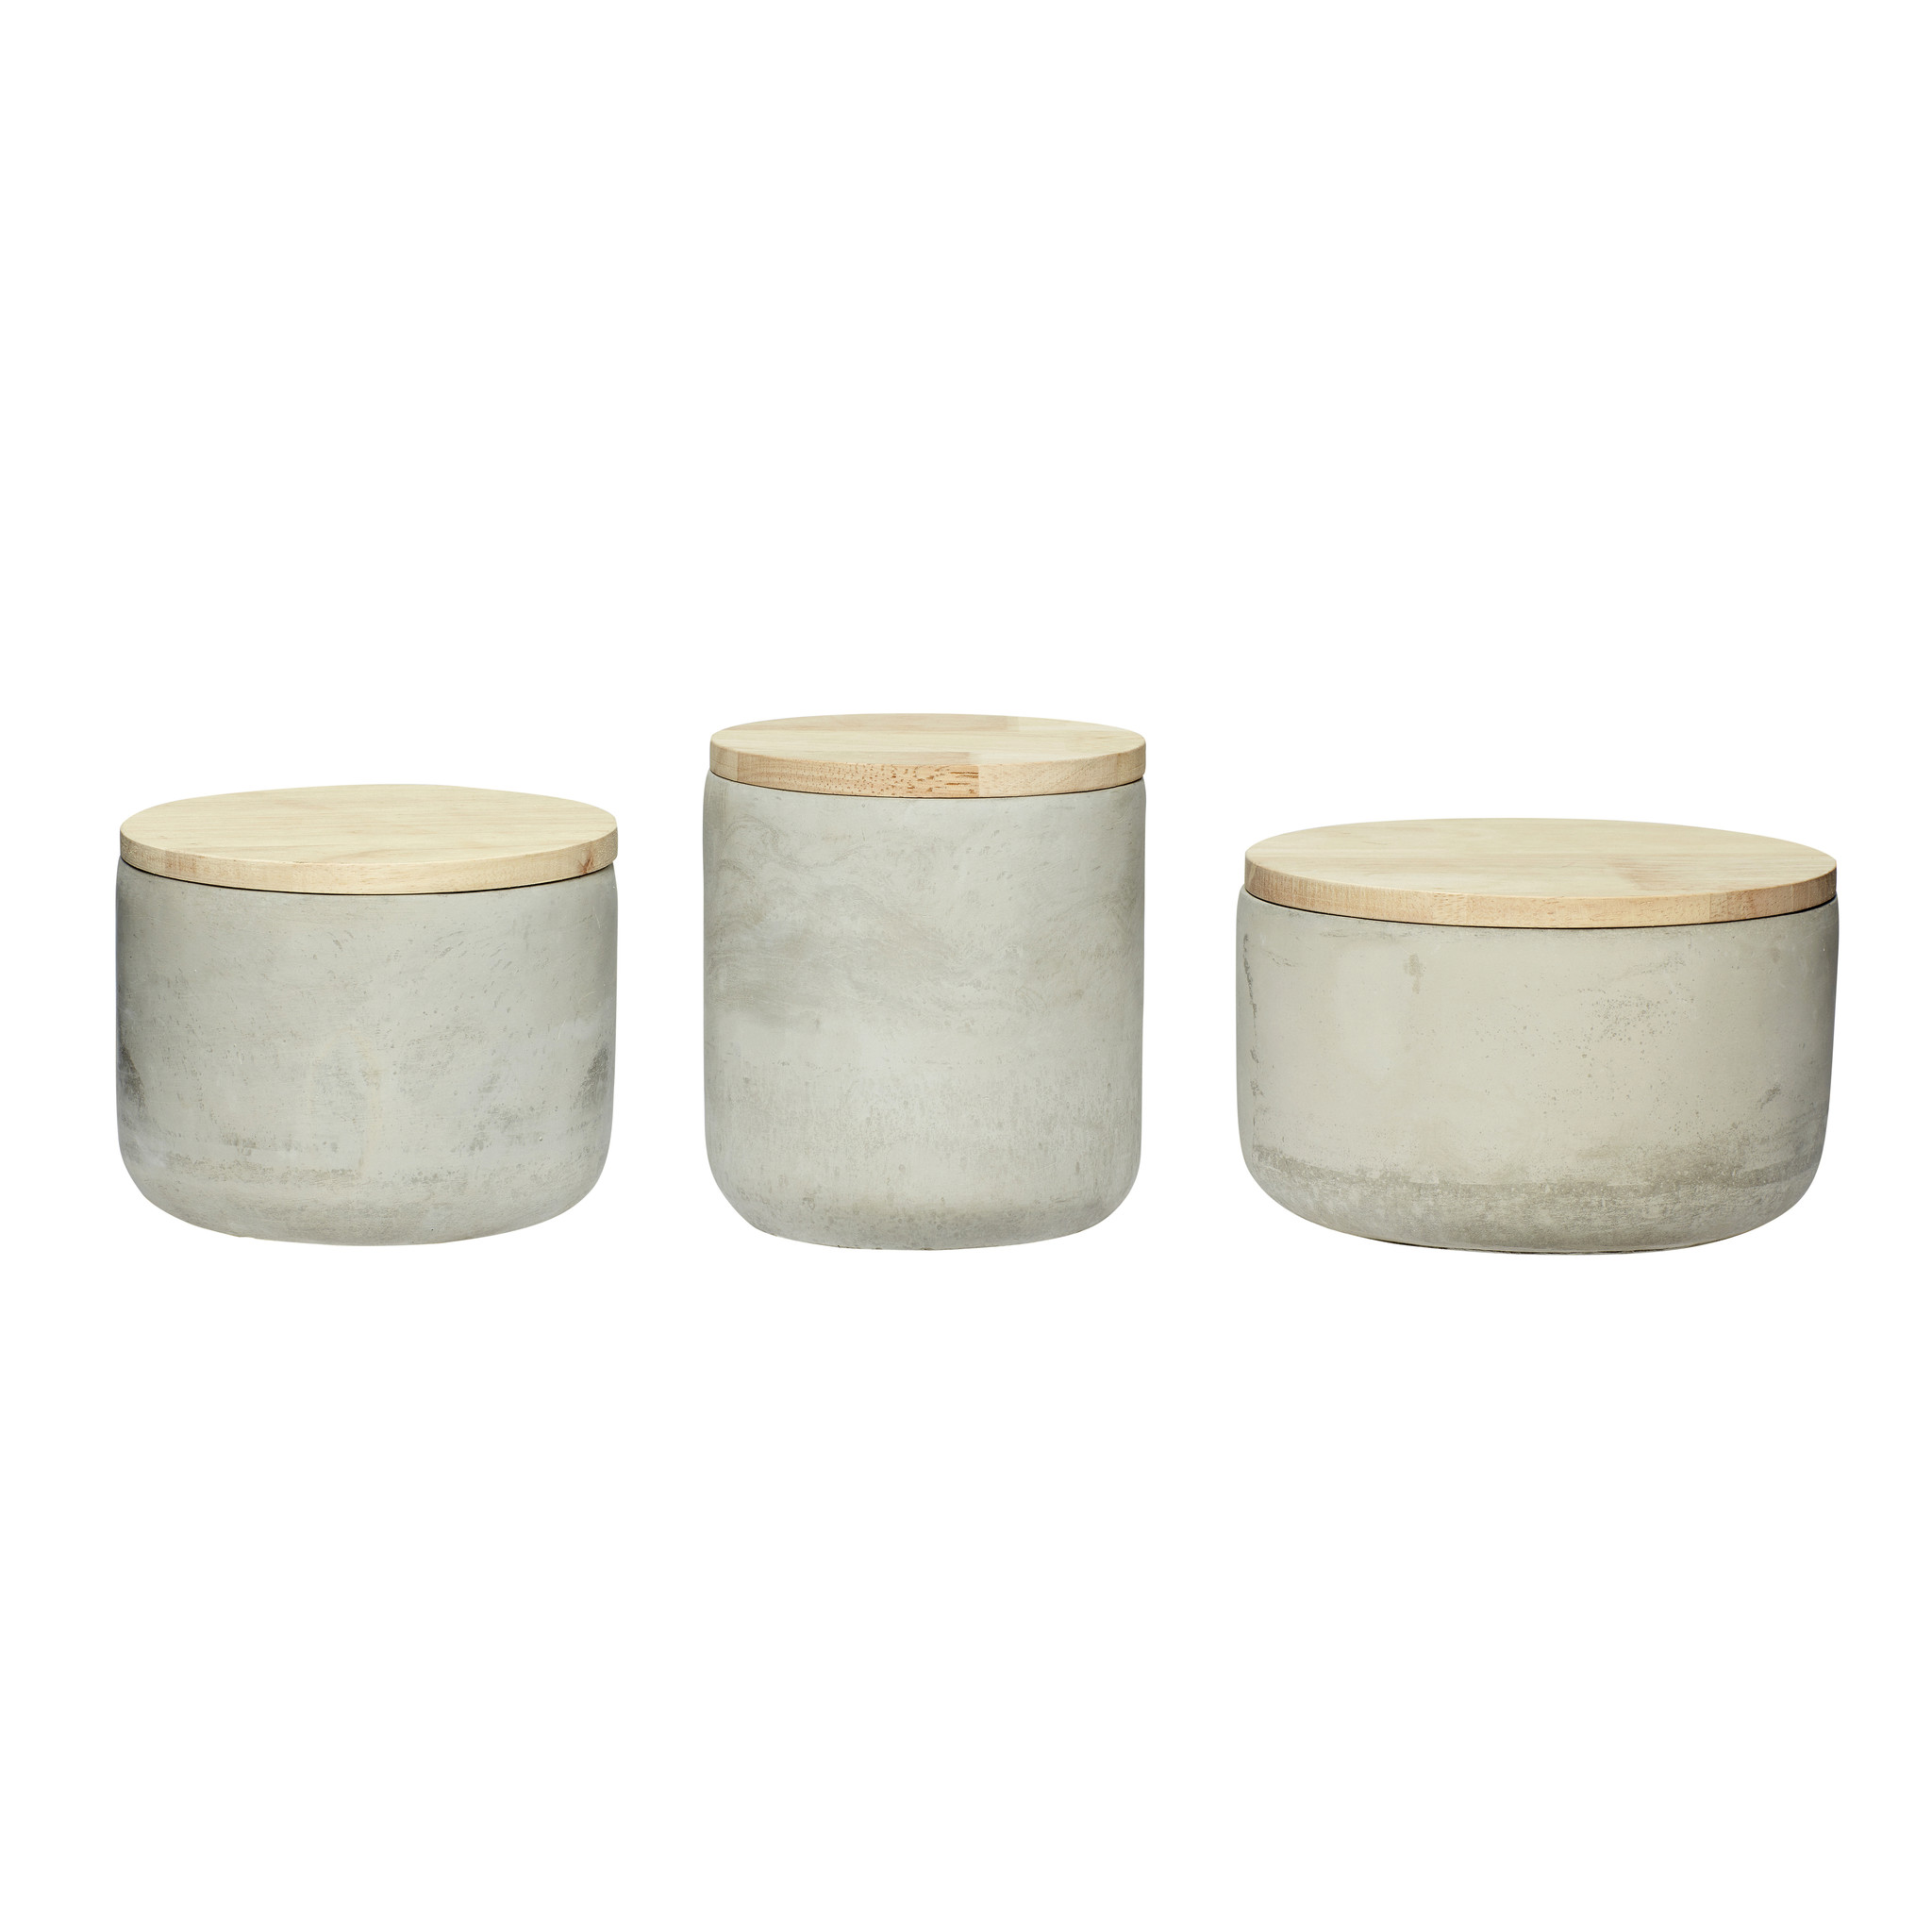 Hubsch Pot met deksel, beton / hout, natuur, set van 3-640217-5712772051726